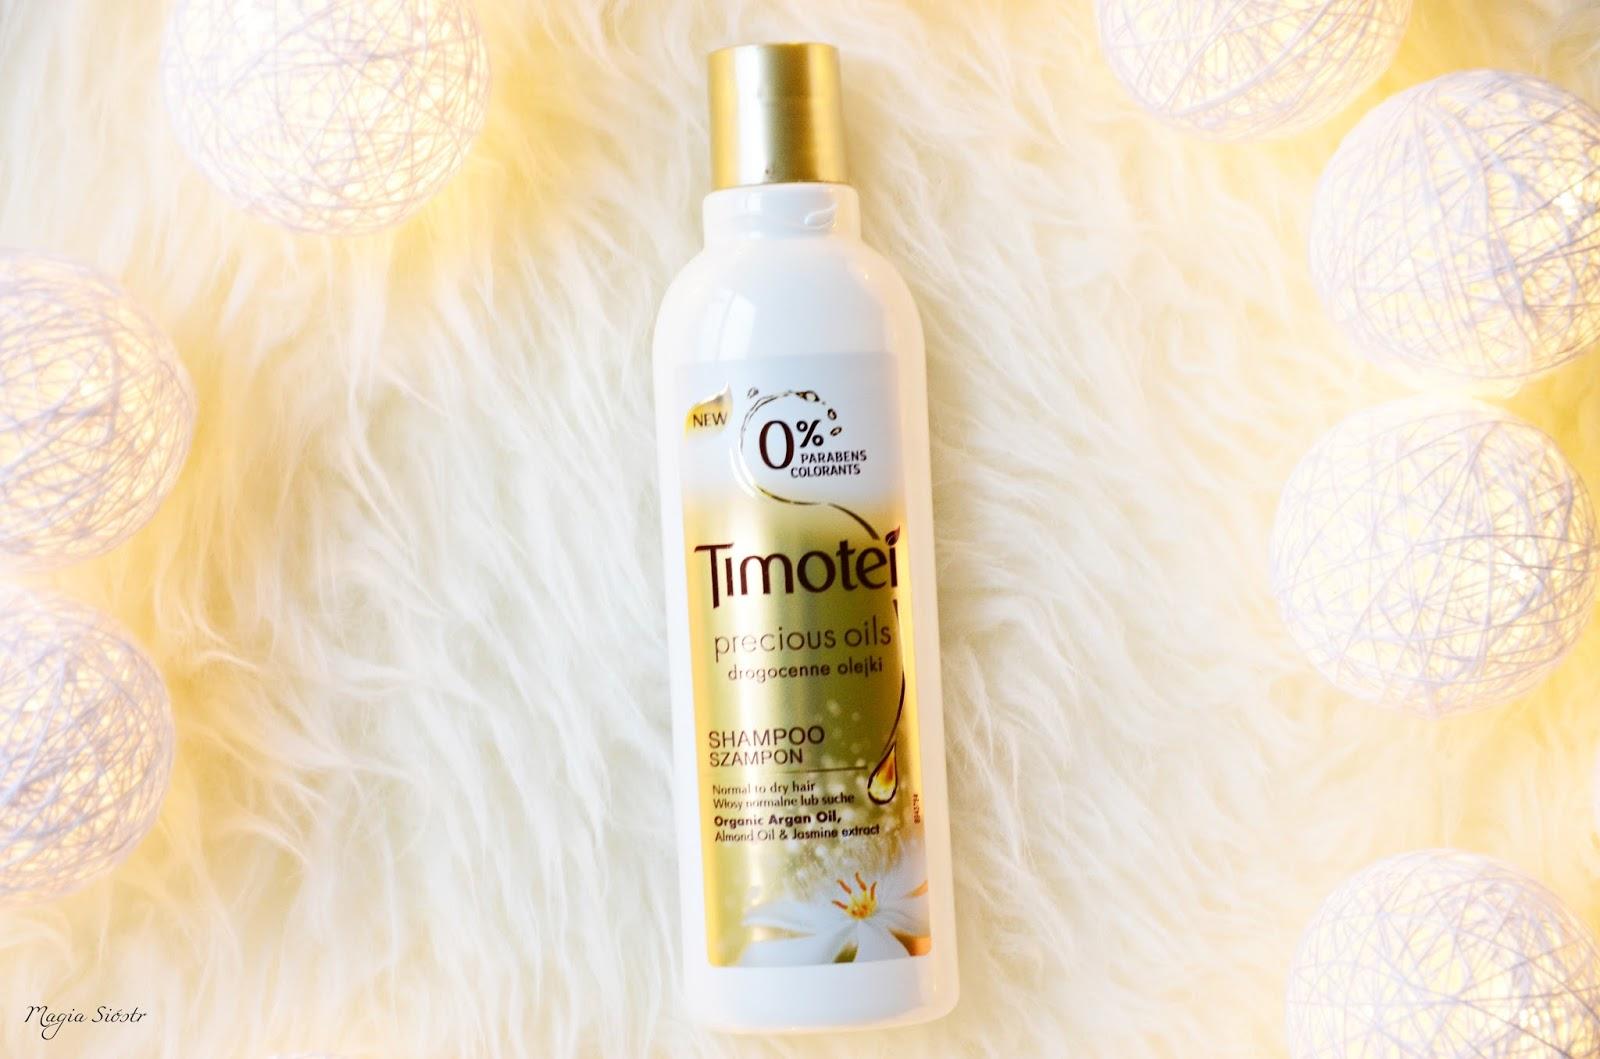 kosmetyki do włosów Timotei, Drogocenne Olejki, naturalne olejki do włosów, szampon do włosów